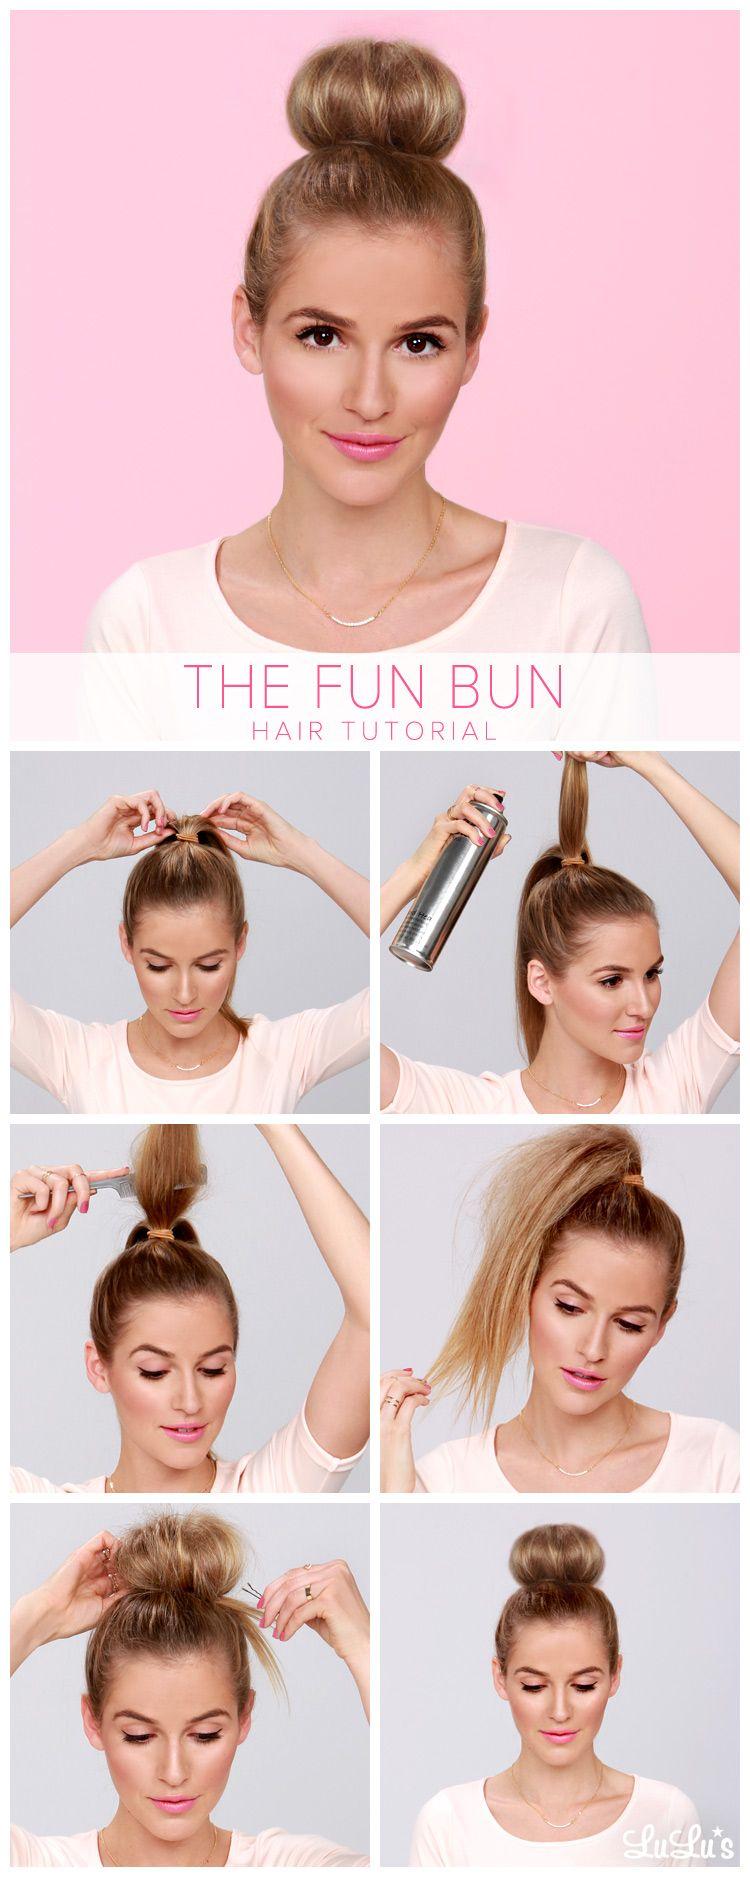 Lulus How-To: The Fun Bun Hair Tutorial   Hairstyles ...